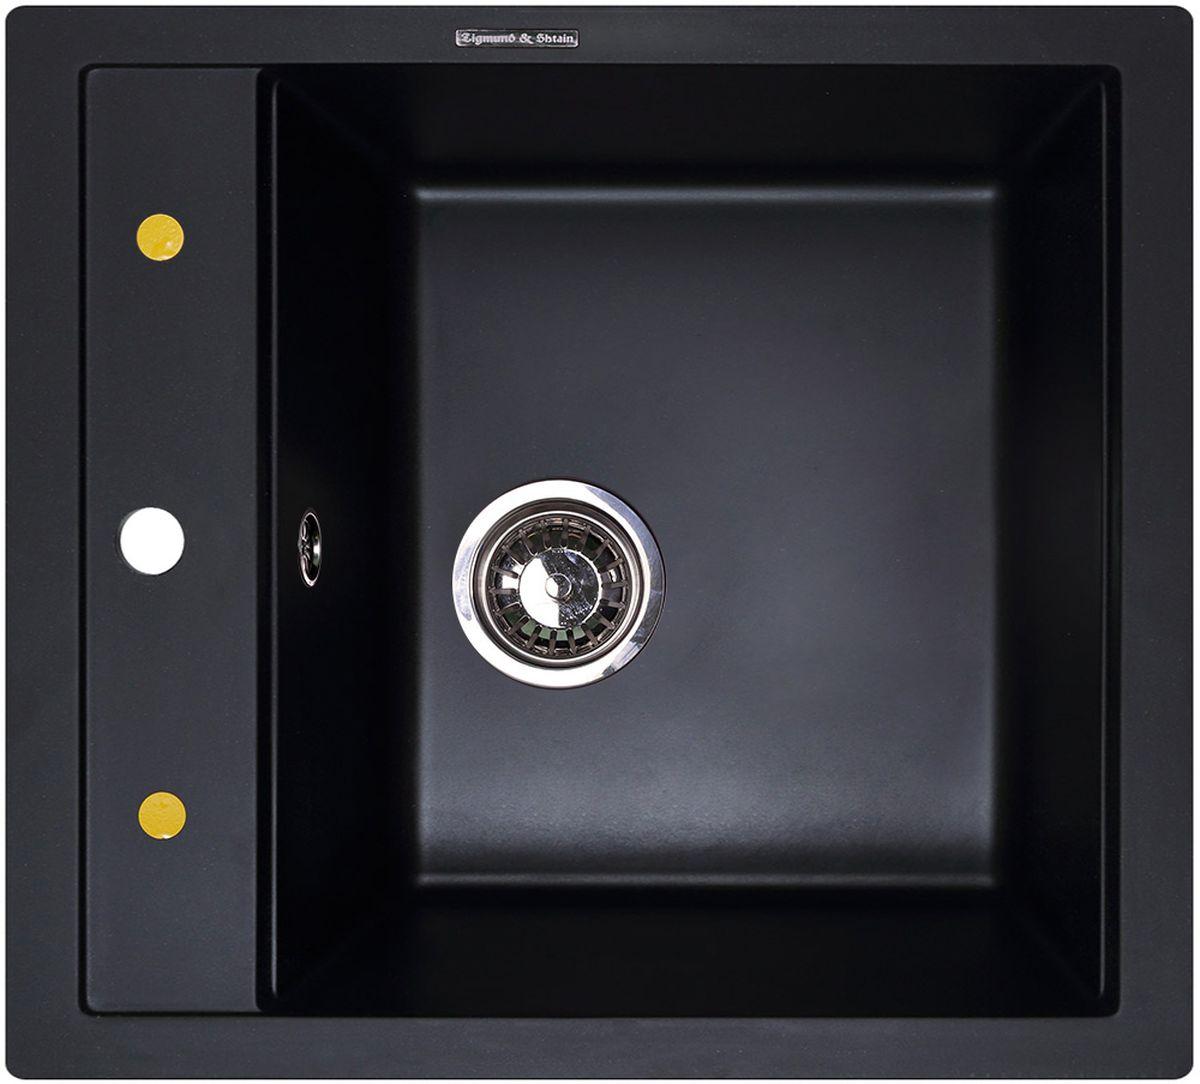 Мойка кухонная Zigmund & Shtain Platz 465, врезная, 1 чаша, цвет: черный базальт20082Zigmund & Shtain PLATZ 465, кухонная мойка, иск.гранит, 1чаша, форма-квадрат, глубина -21 см, ЦВЕТ черный базальт